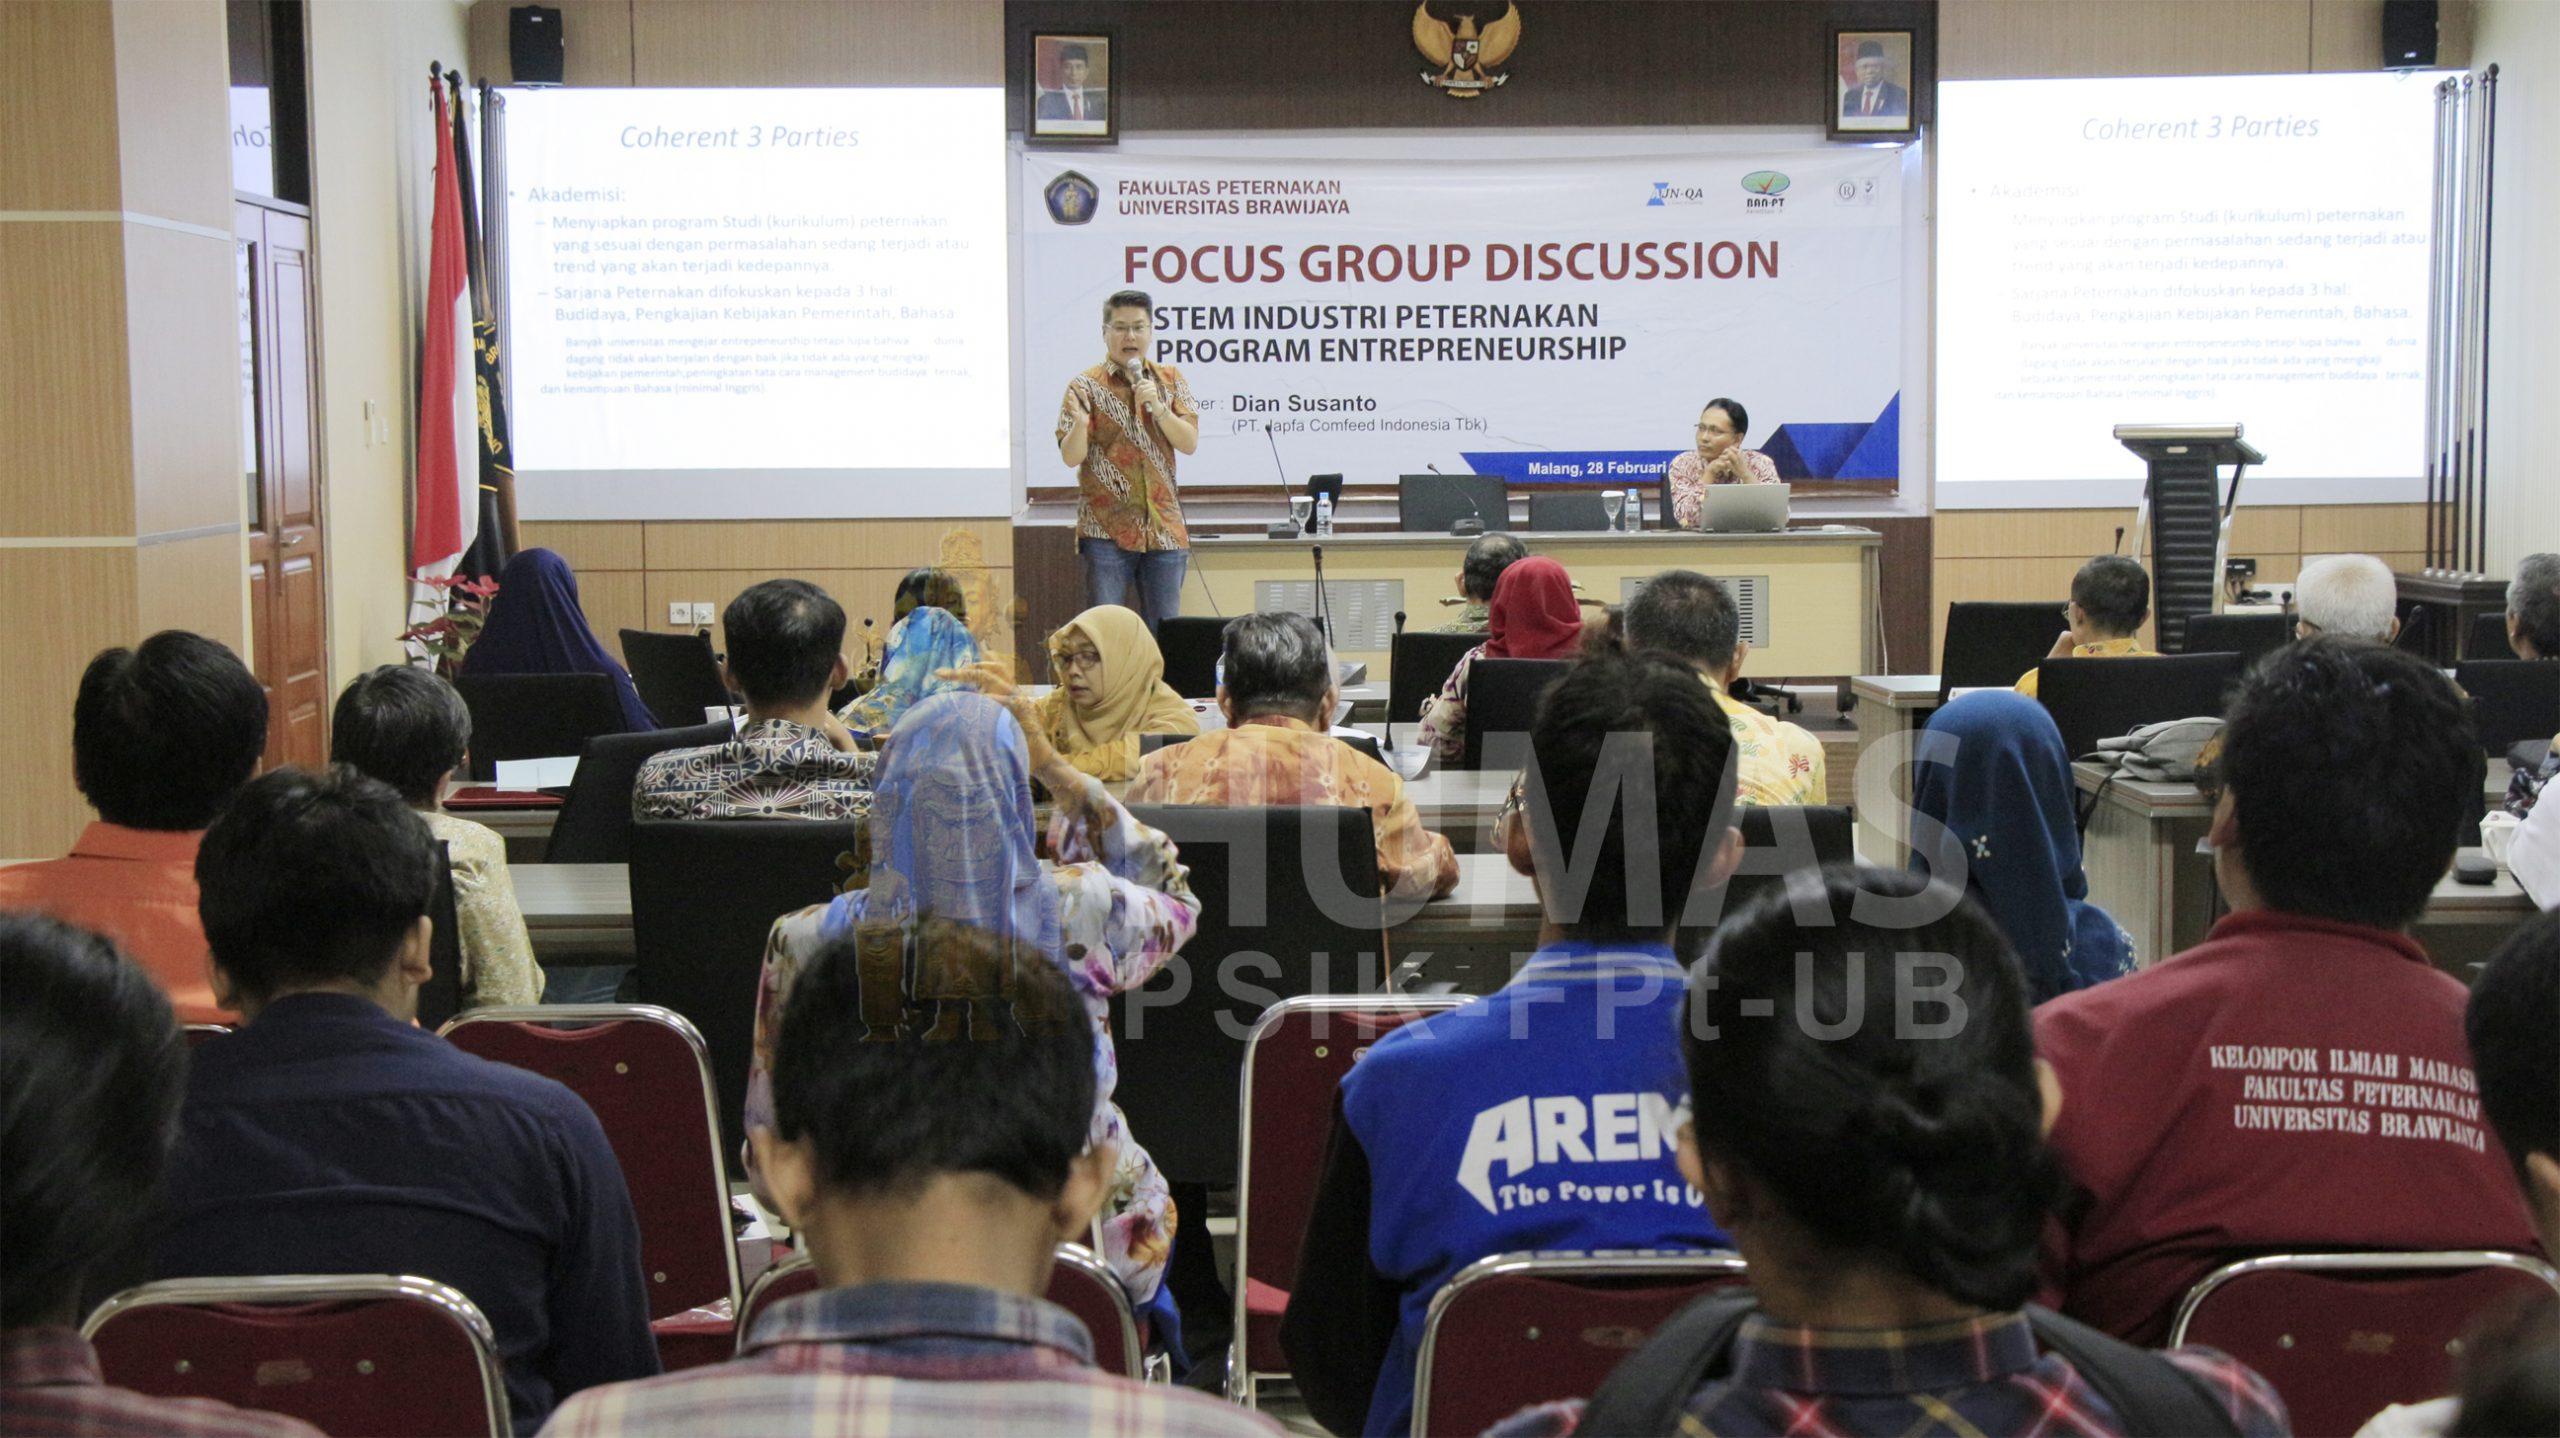 Praktisi Ajak Akademisi Selaraskan Misi Memajukan Peternakan Indonesia